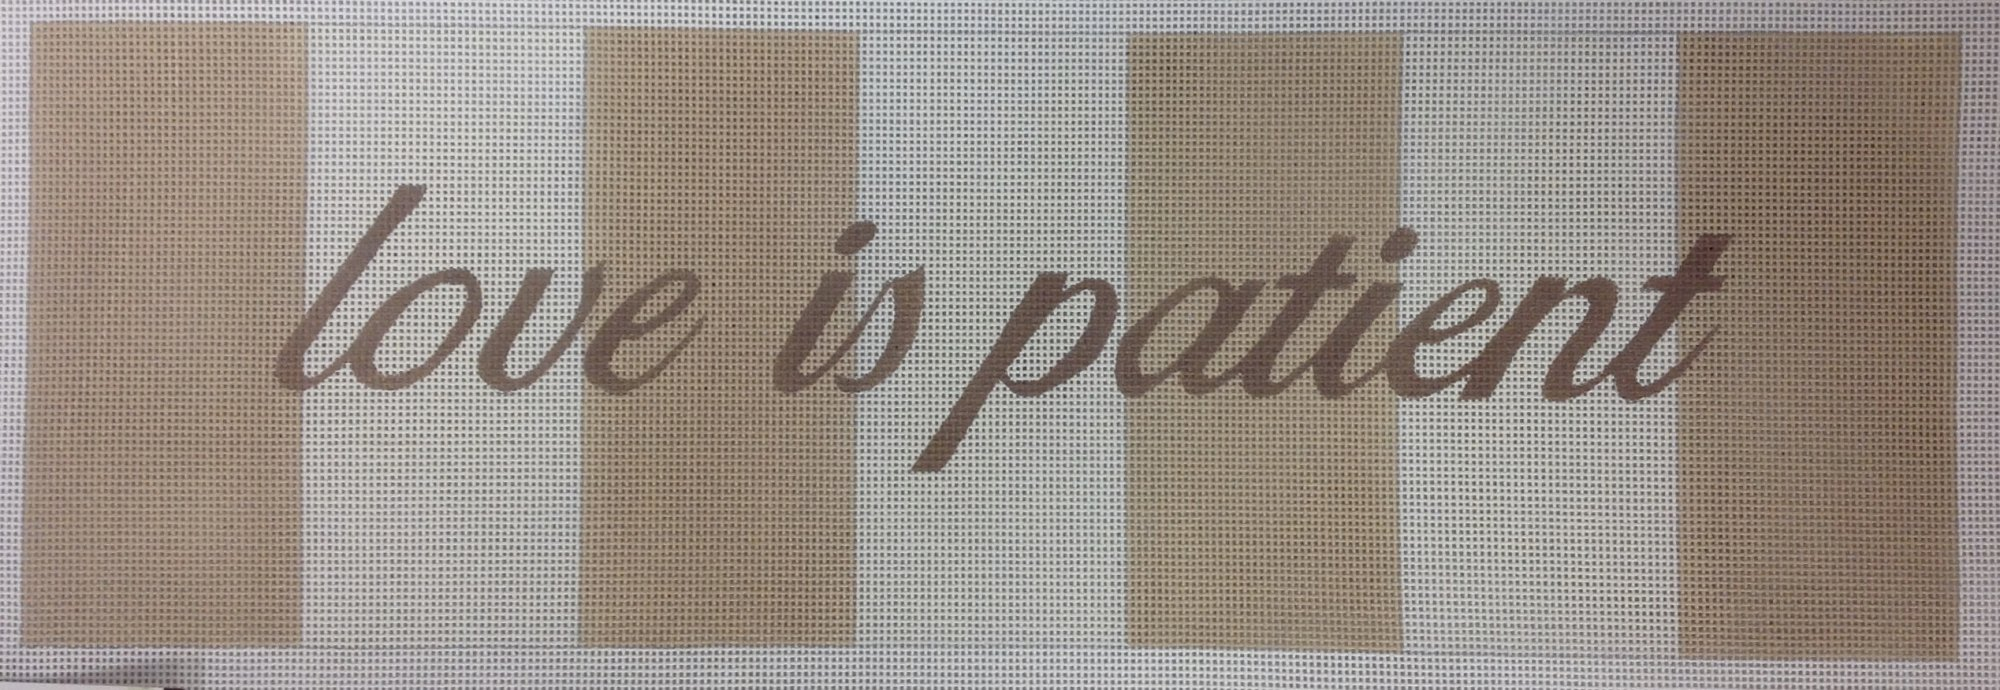 love is patient